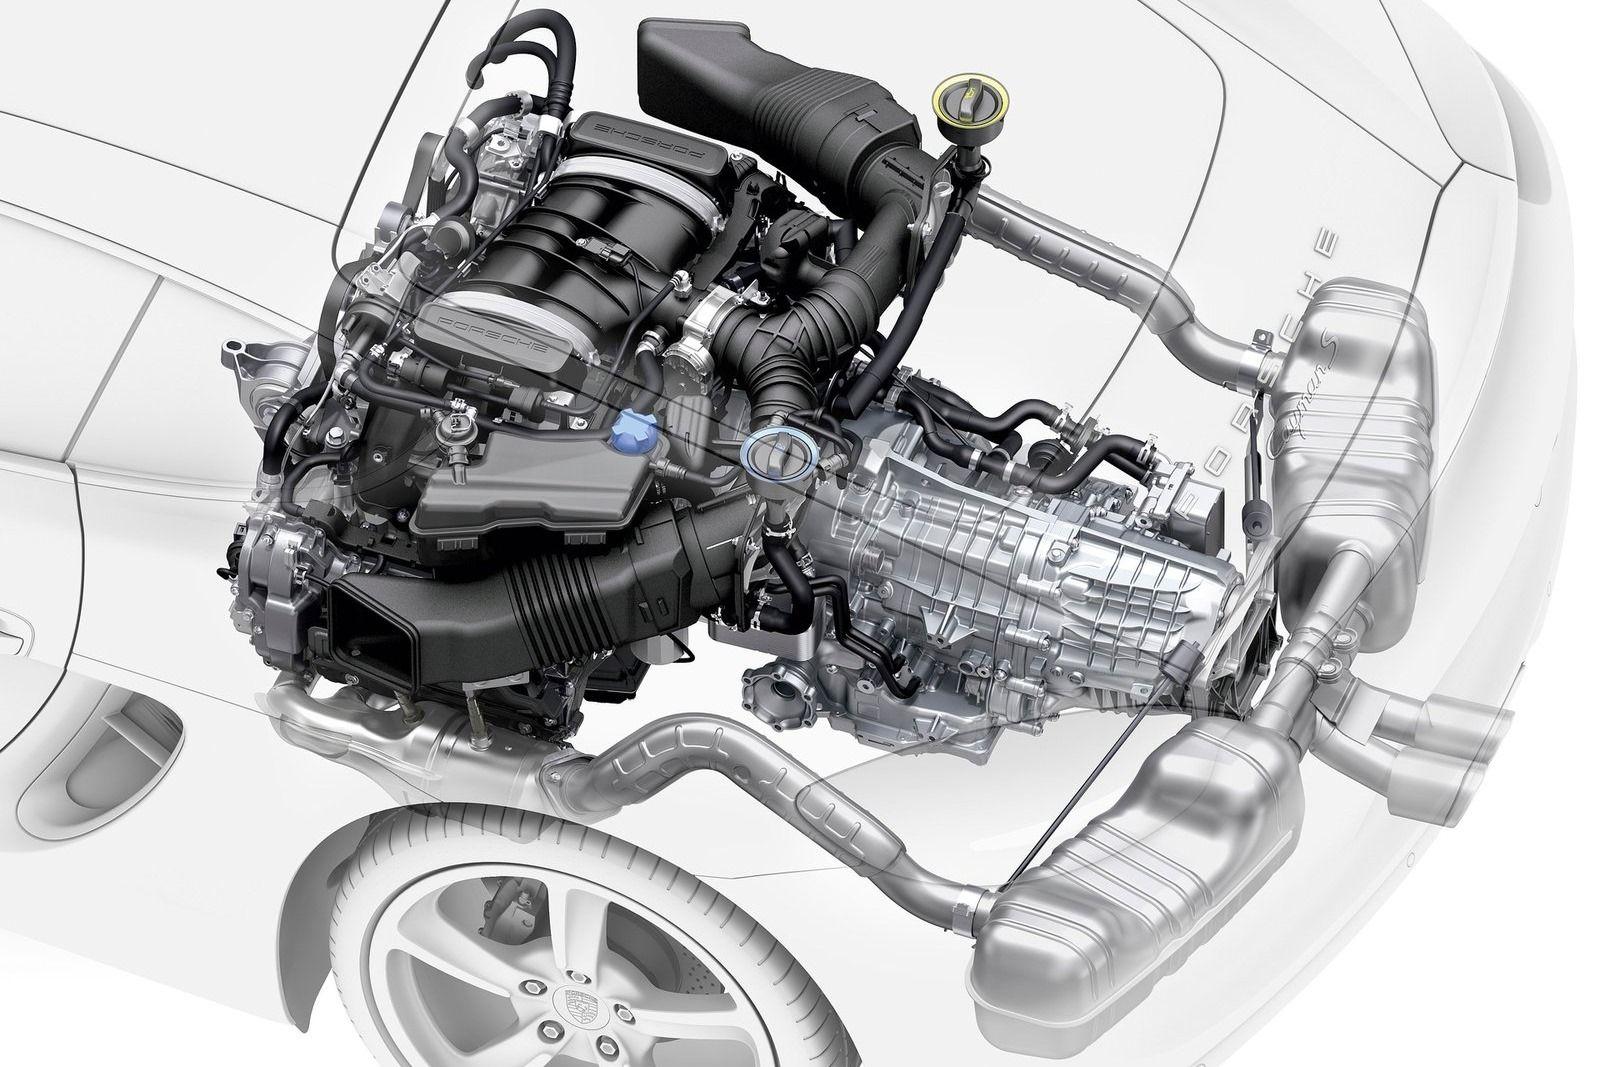 medium resolution of porsche 911 engine bay diagram